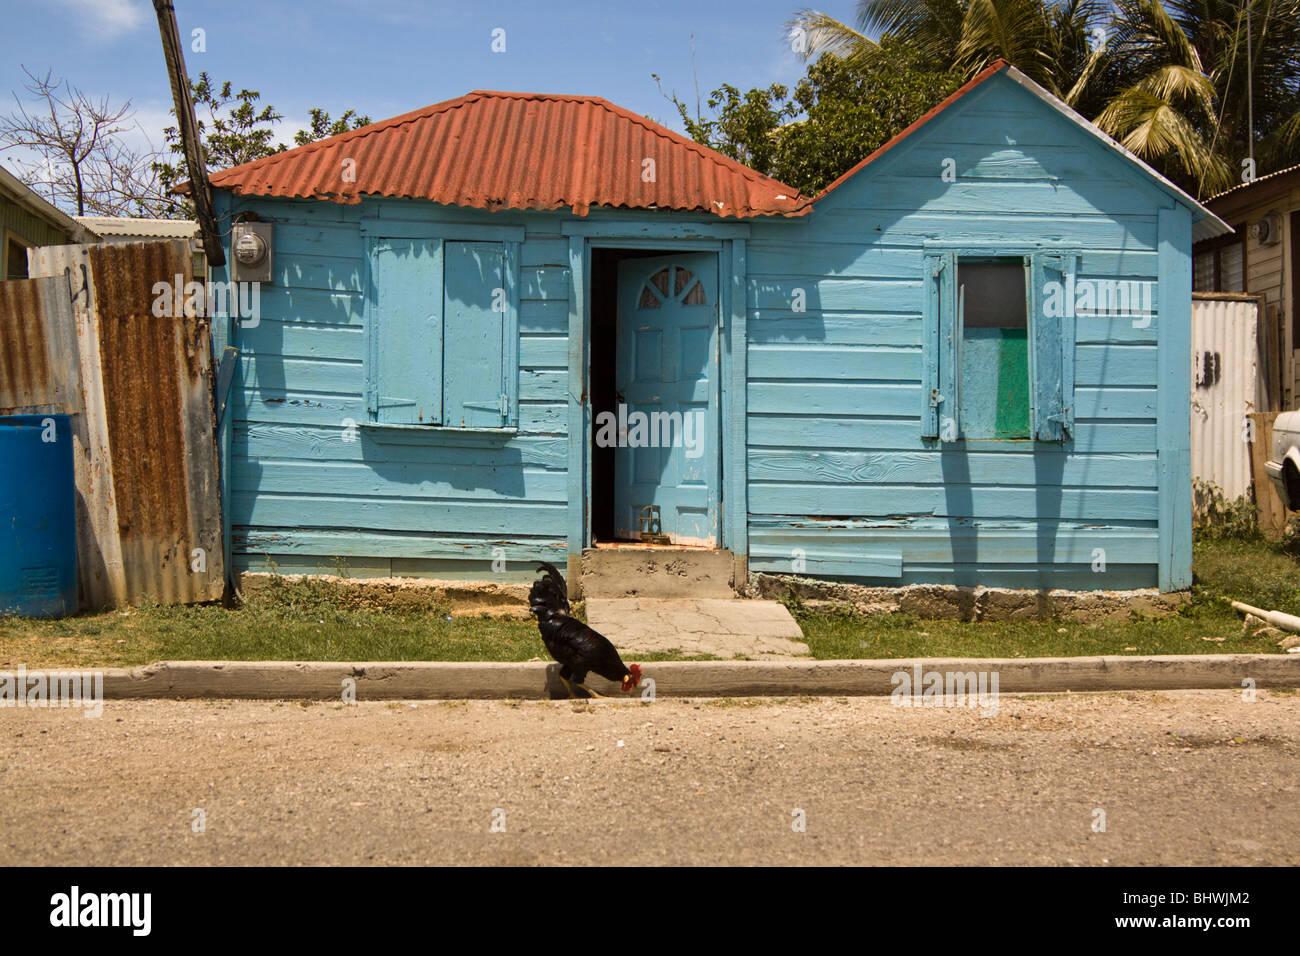 Vieille maison rustique de couleur bleu ciel avec coq, St John's, Antigua Banque D'Images